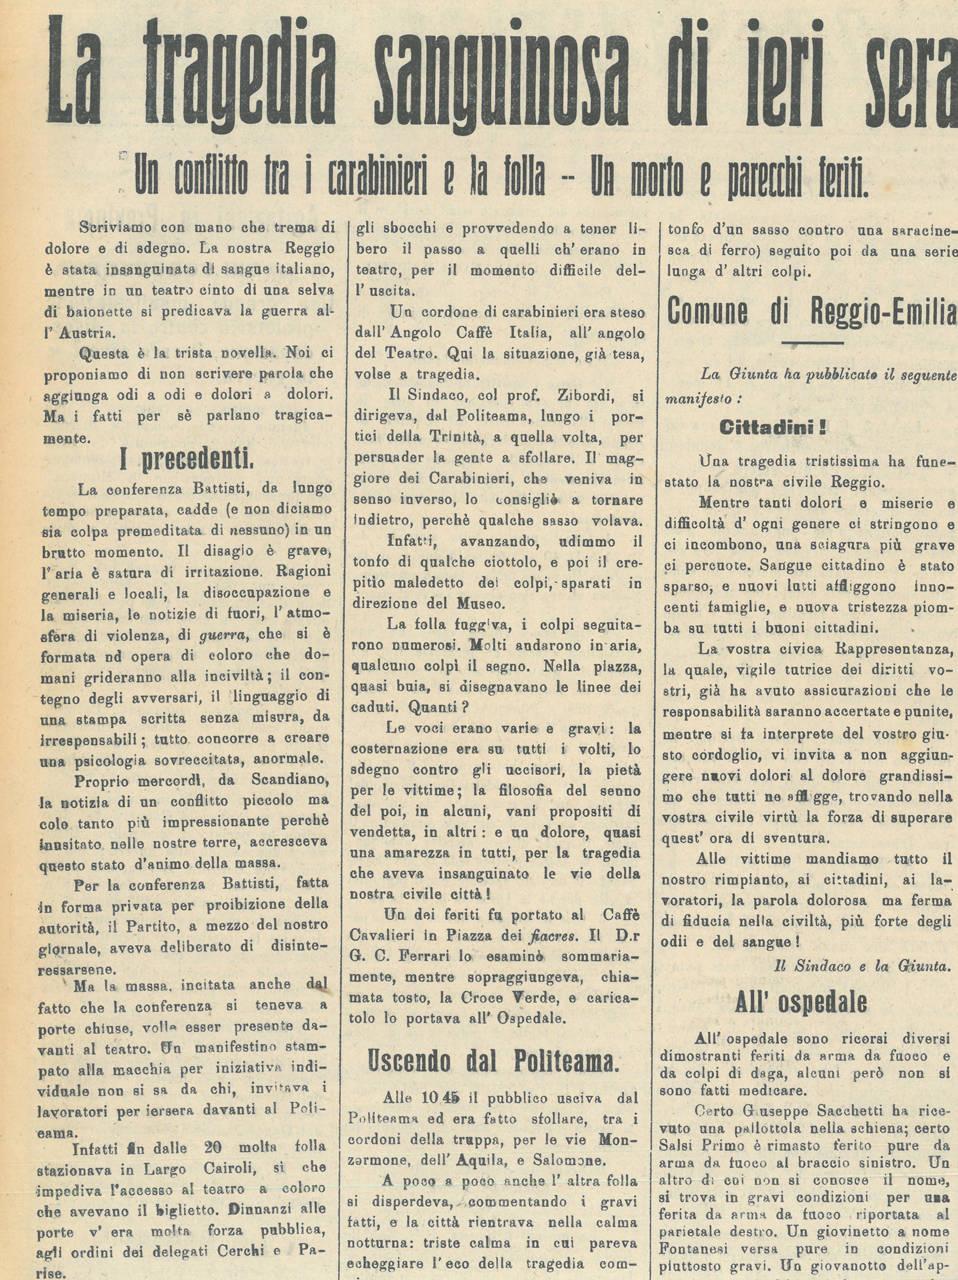 giornale di reggio 25 febbraio 1915